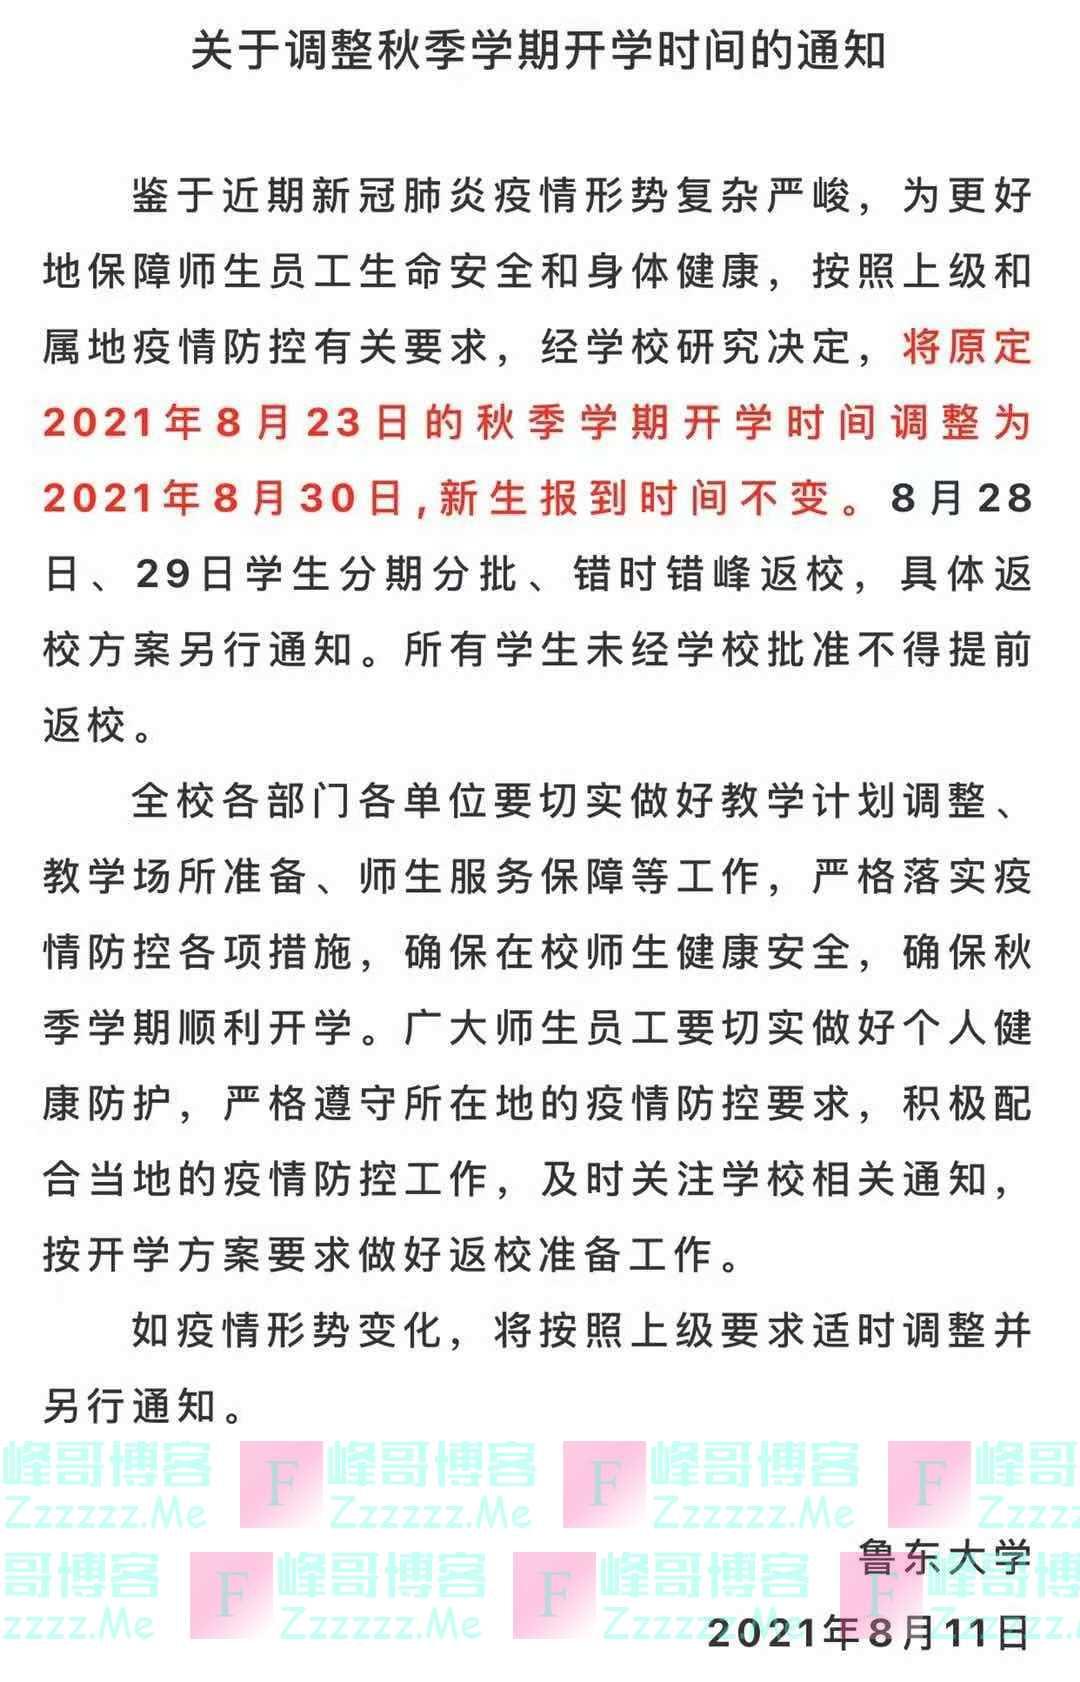 山东部分高校发布通知 秋季学期将延迟开学